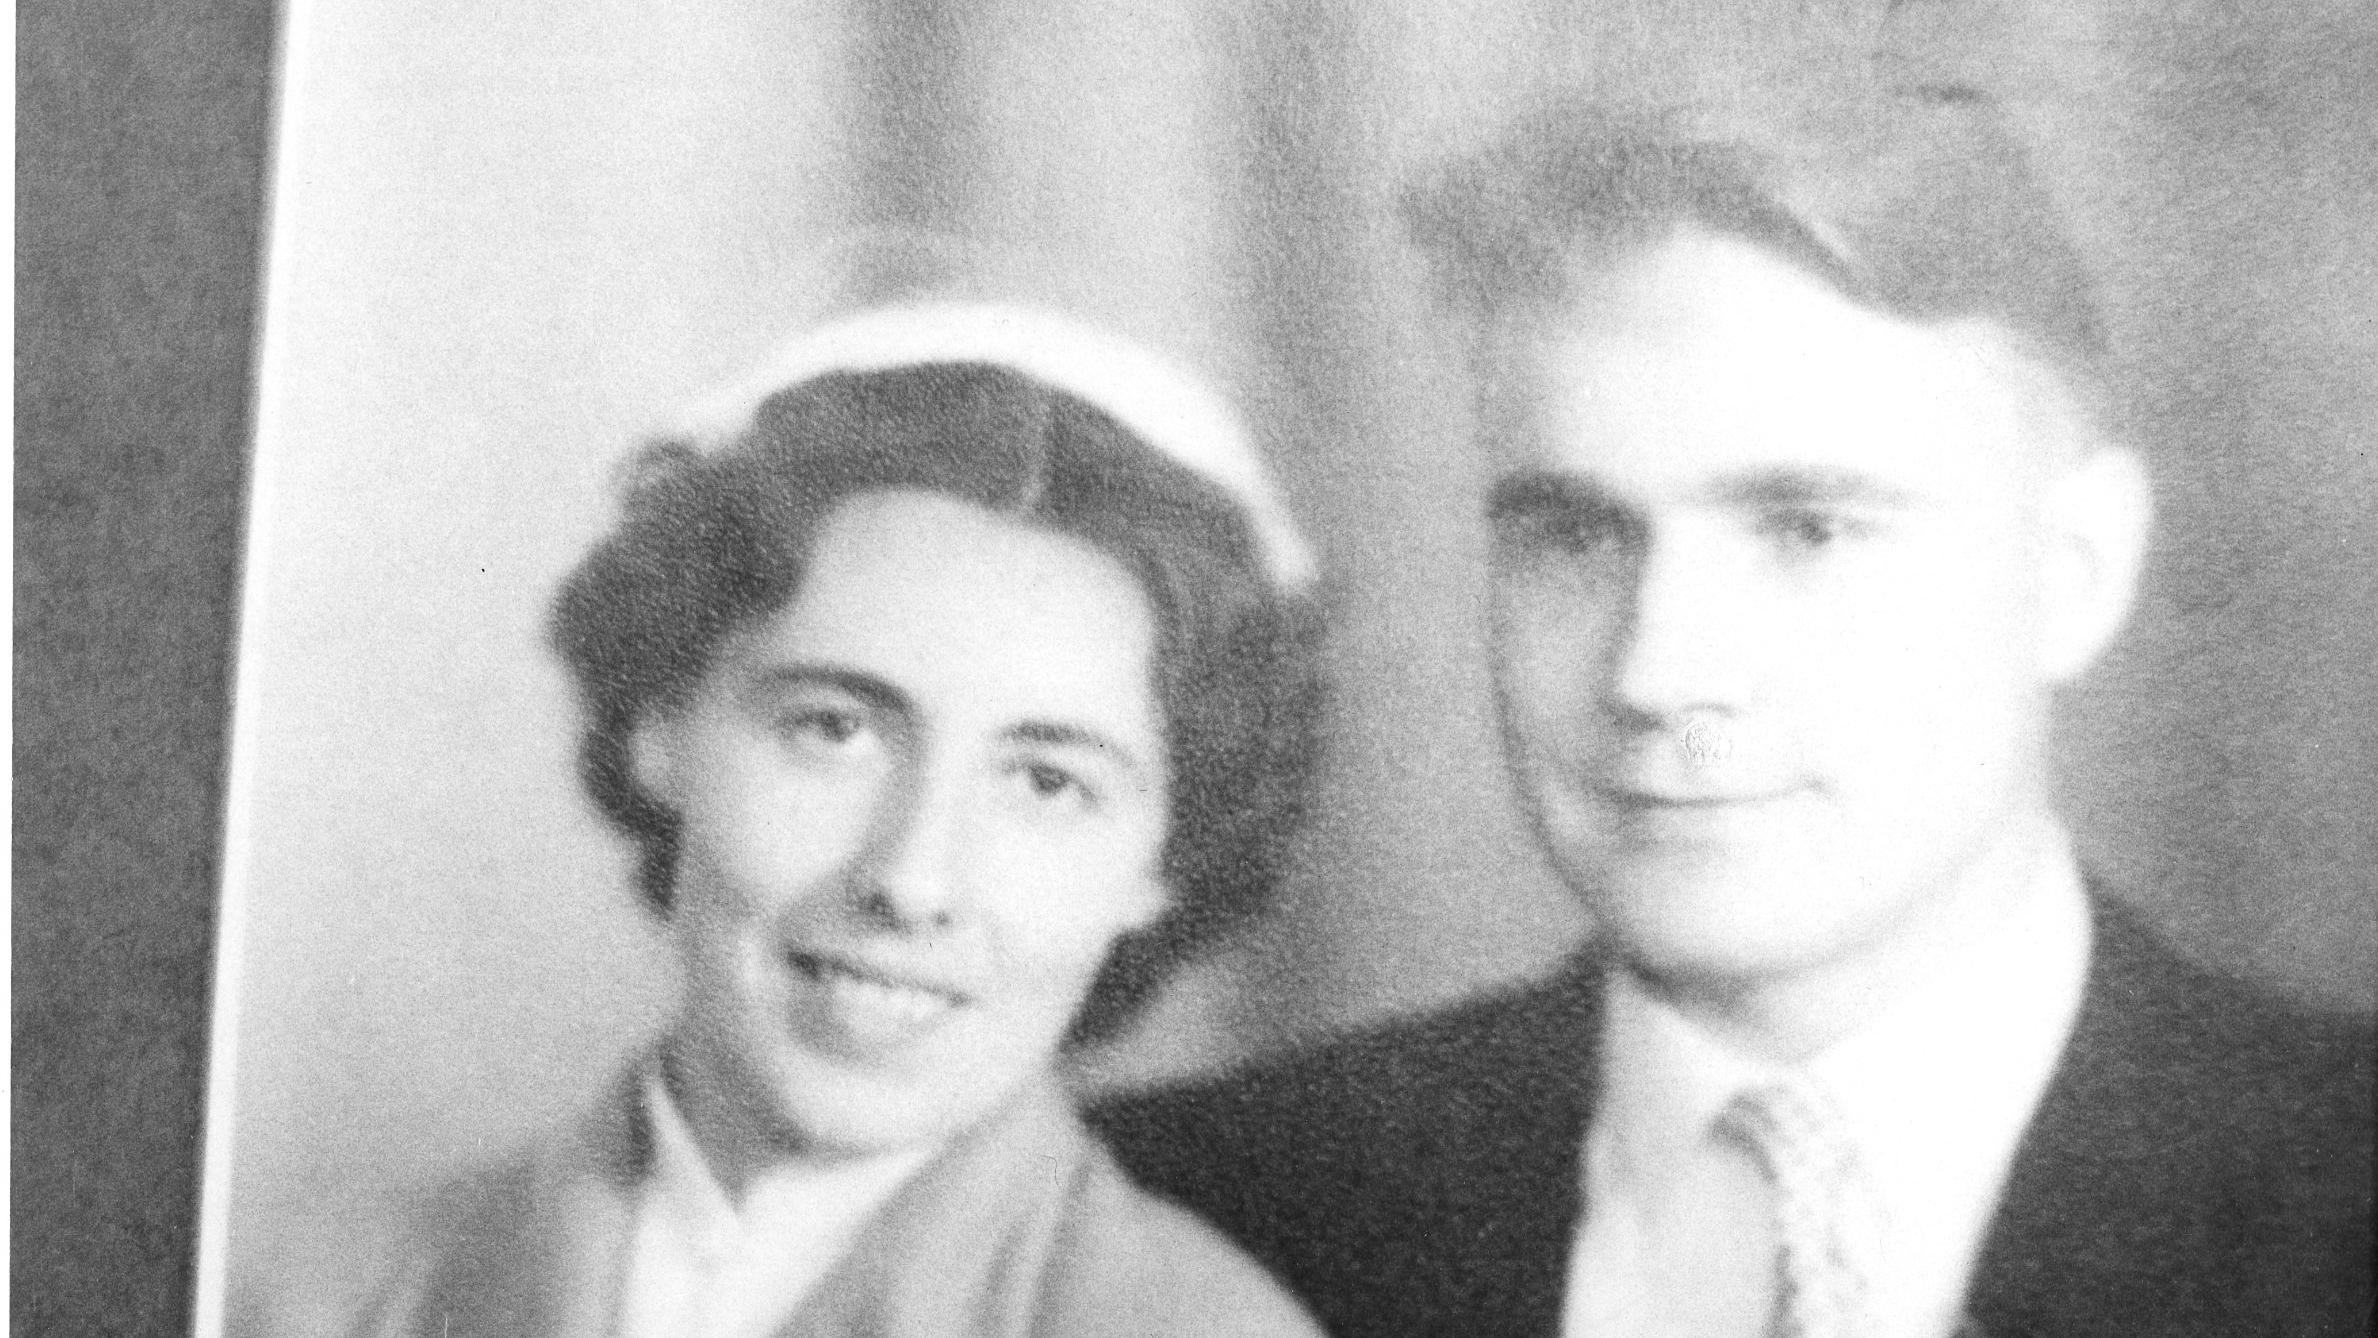 Mauno ja Tellervo Koivisto menivät naimisiin 5.12.1950. Se oli Tellervo Koiviston mukaan hänen elämänsä tärkein päivä.